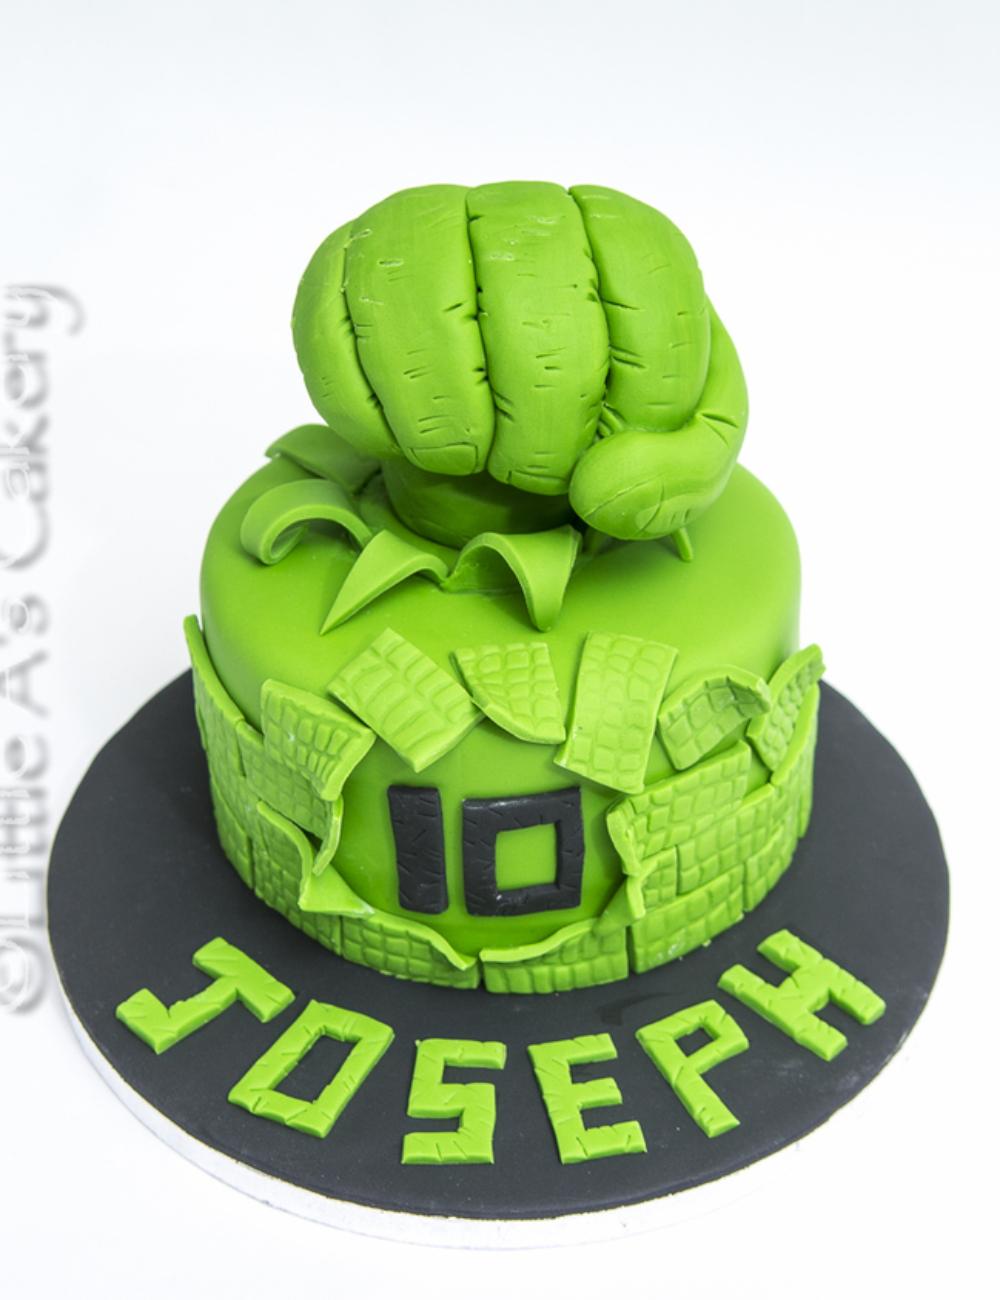 hulk-hand-smash-cake-dereham-norfolk